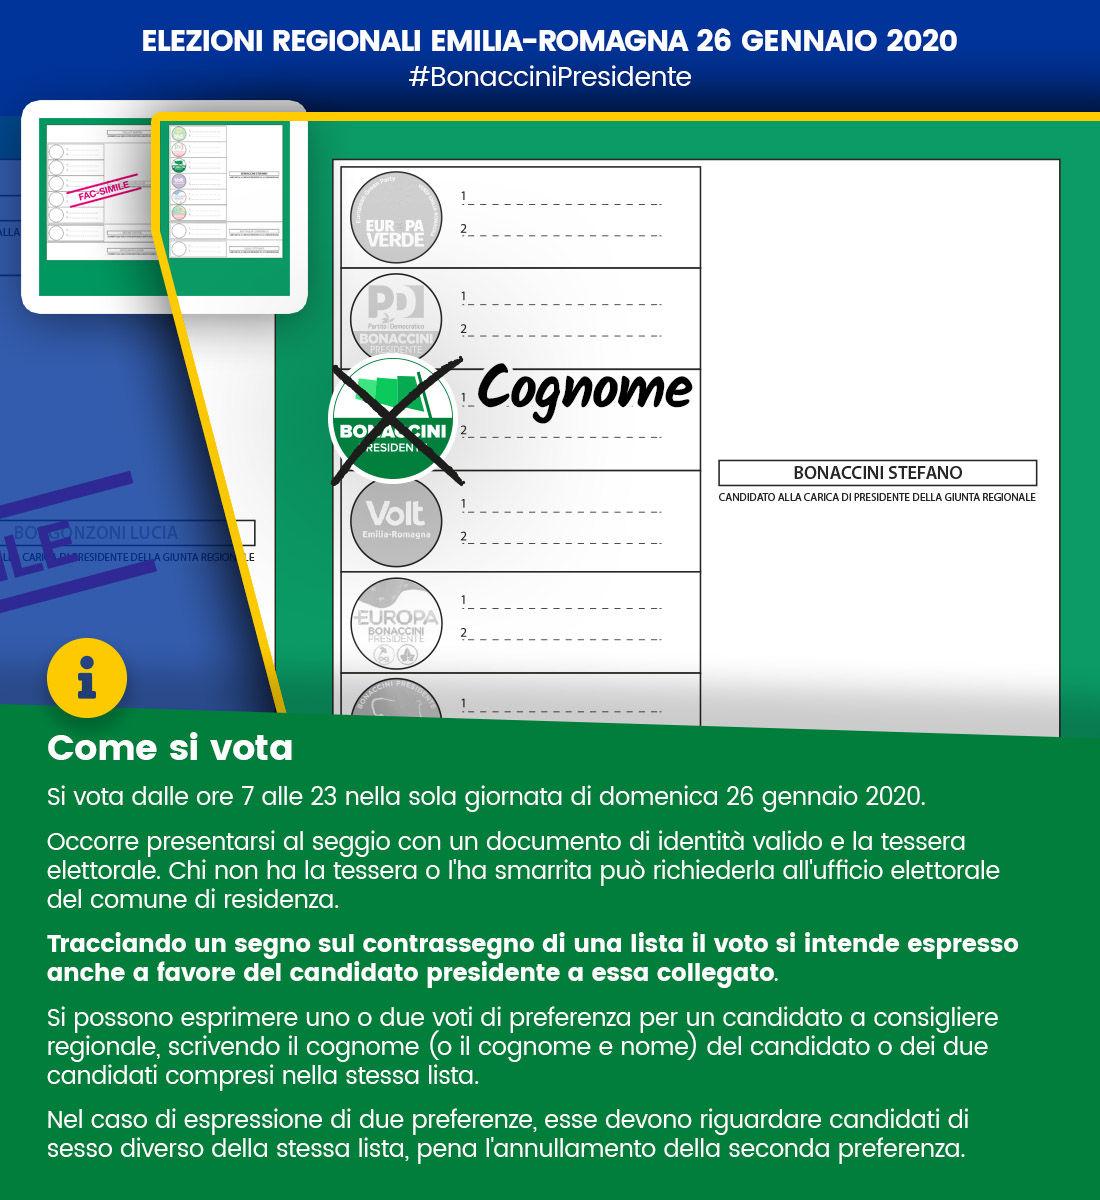 Fac Simile scheda elettorale Emilia Romagna - Azione